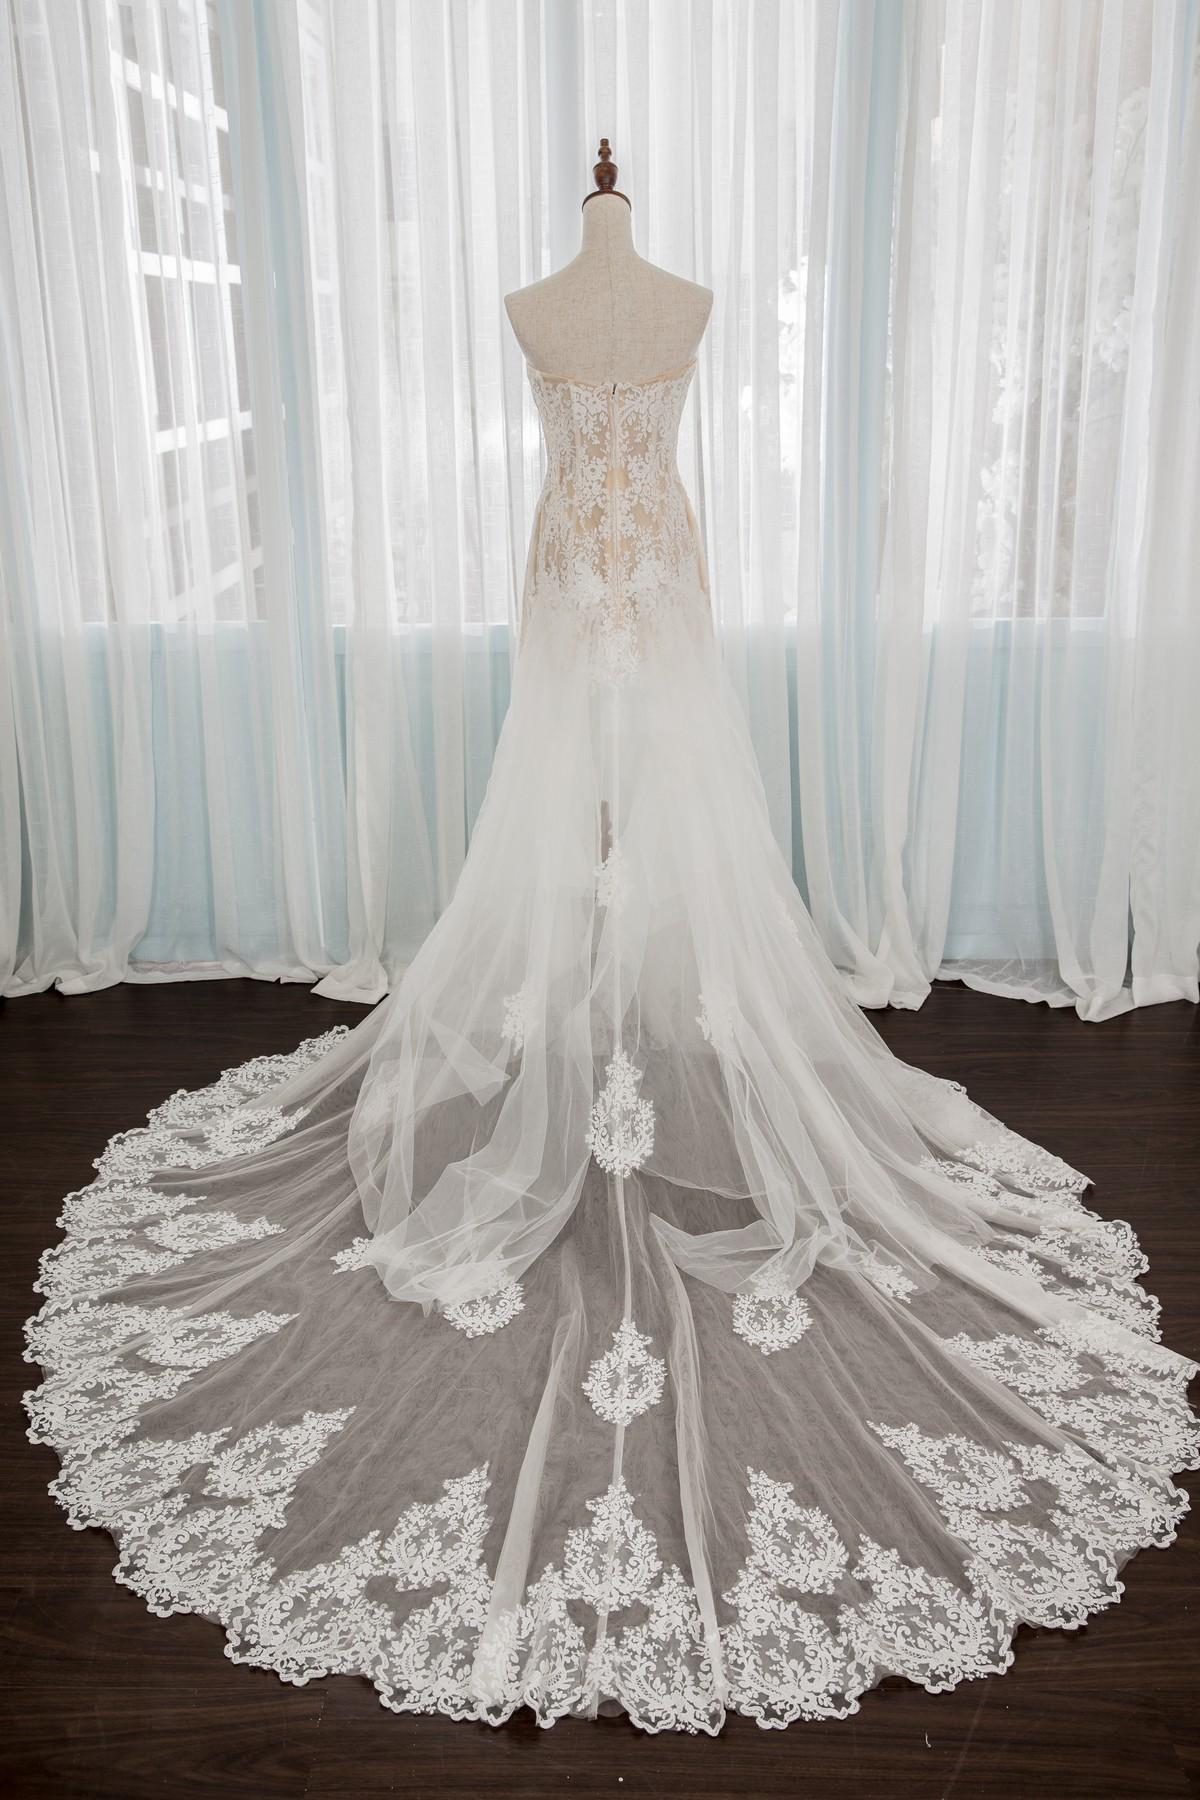 手工婚紗:平口蕾絲袖鏤空美背魚尾白紗。頂級蕾絲氣勢長拖尾